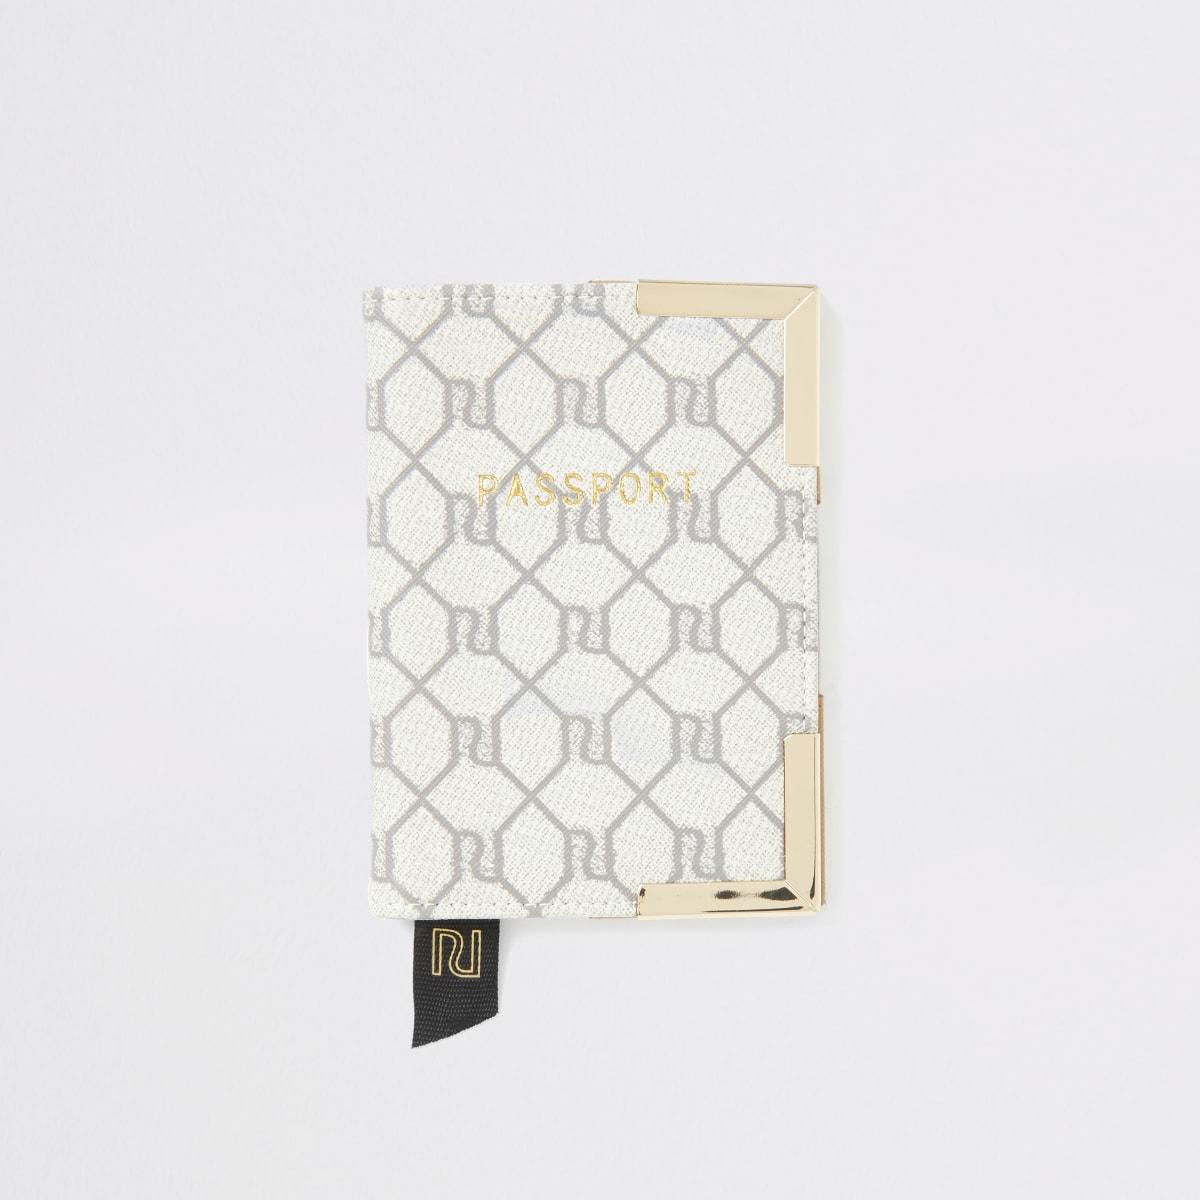 Grijze paspoorthouder met RI monogram